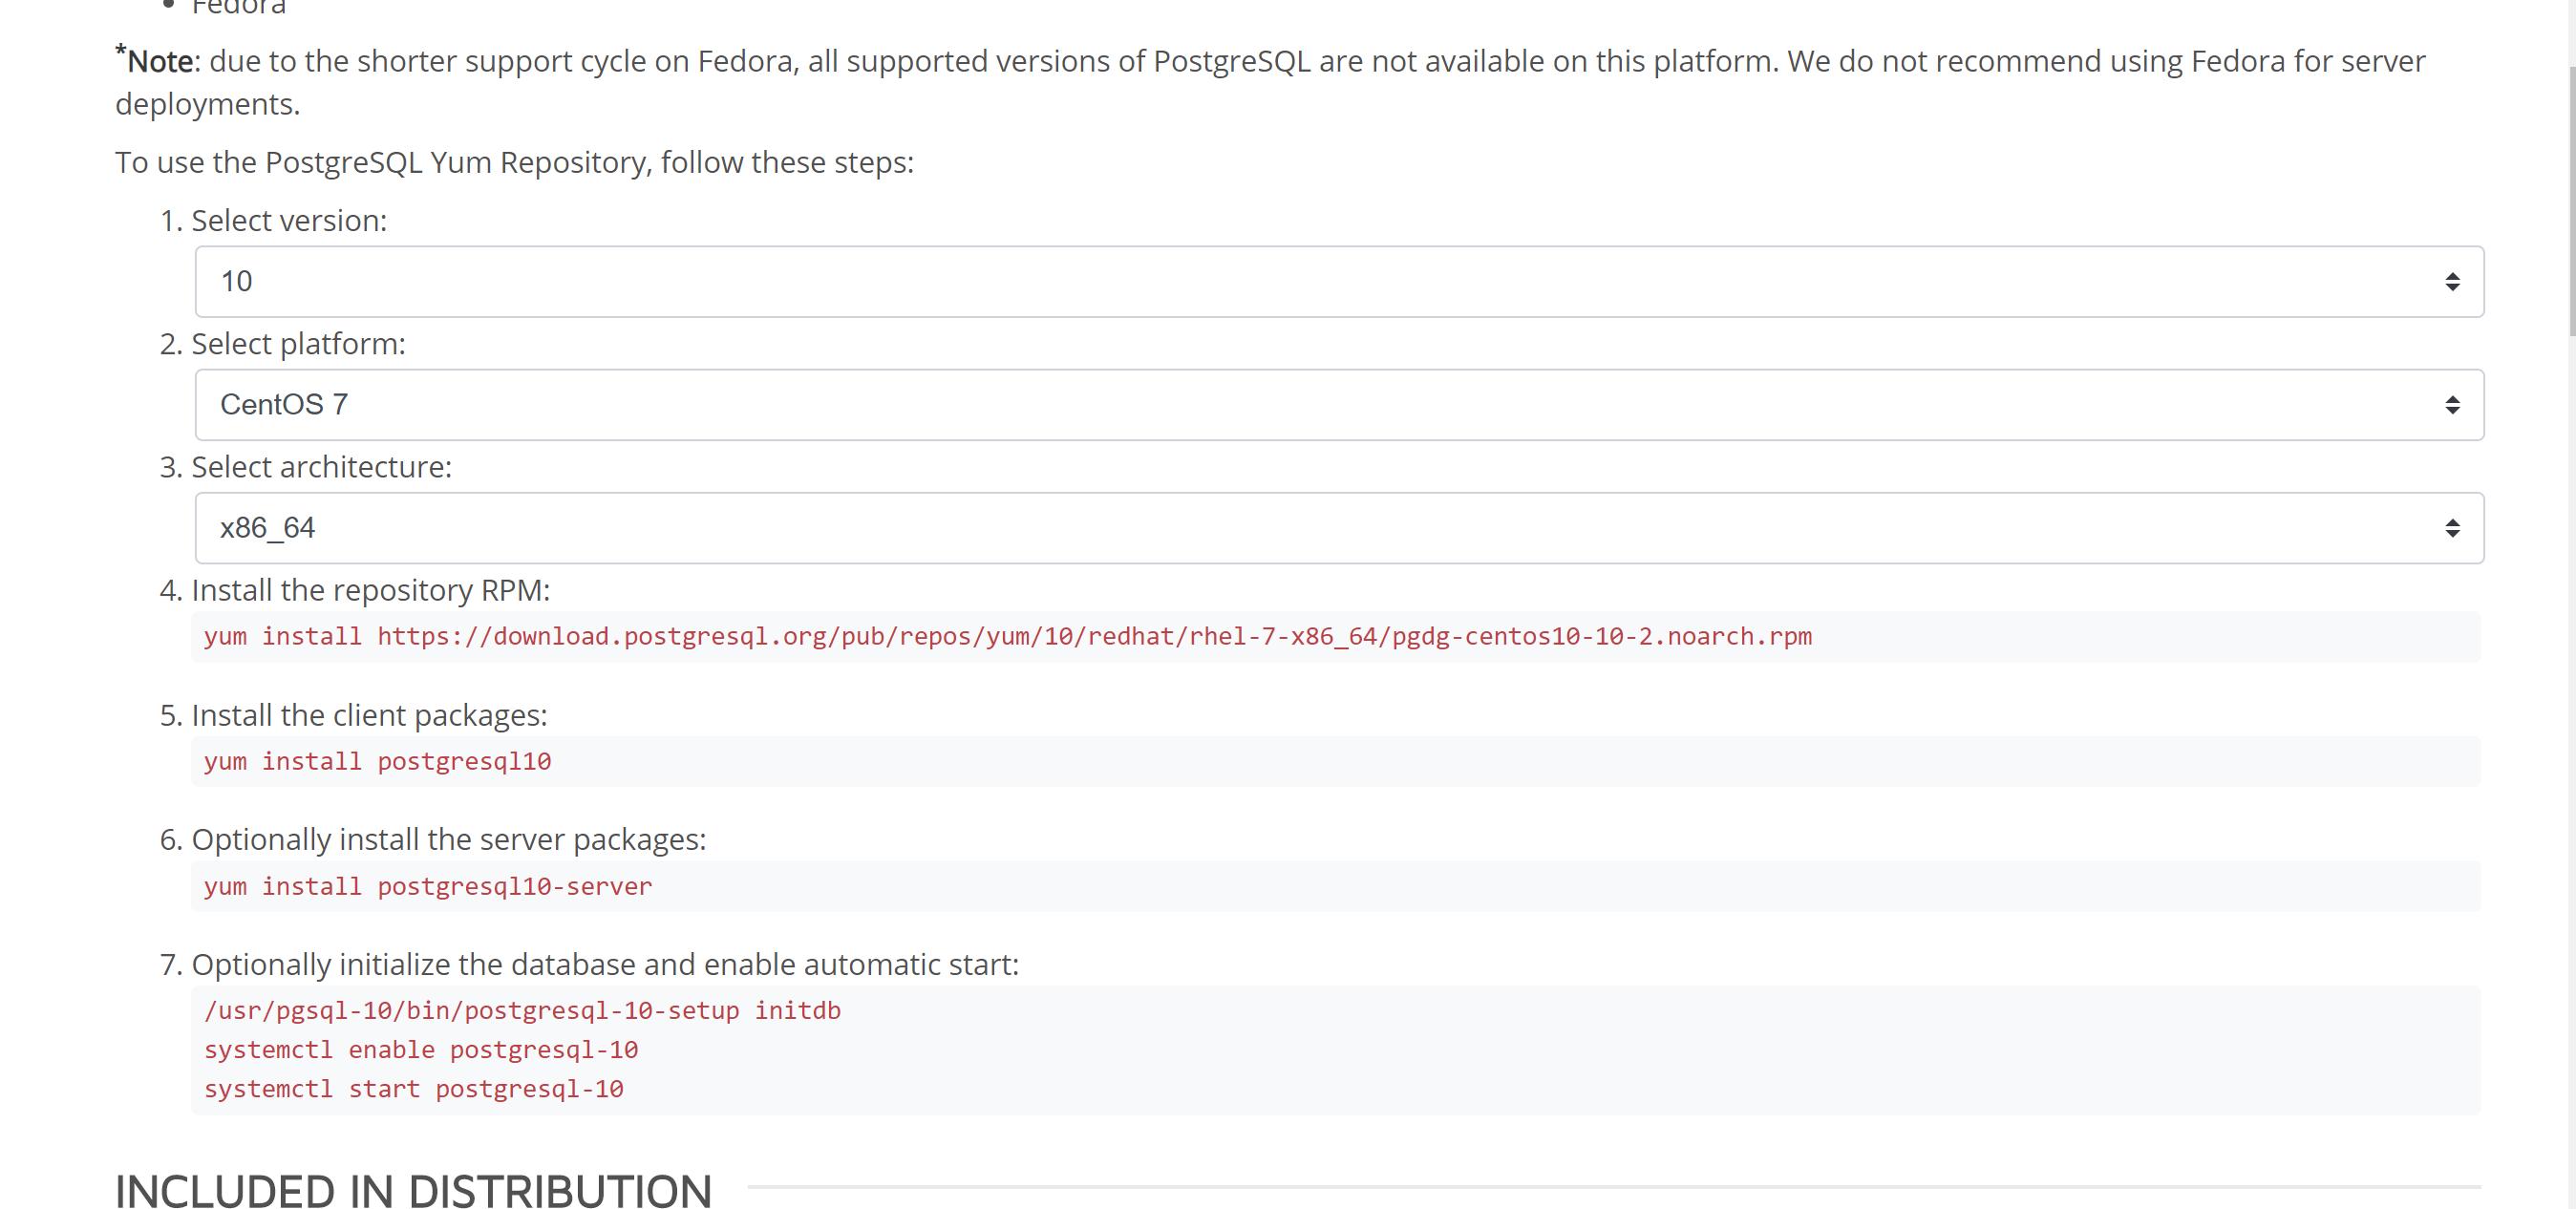 How To Install PostgreSQL On centos/redhat - Database Tutorials